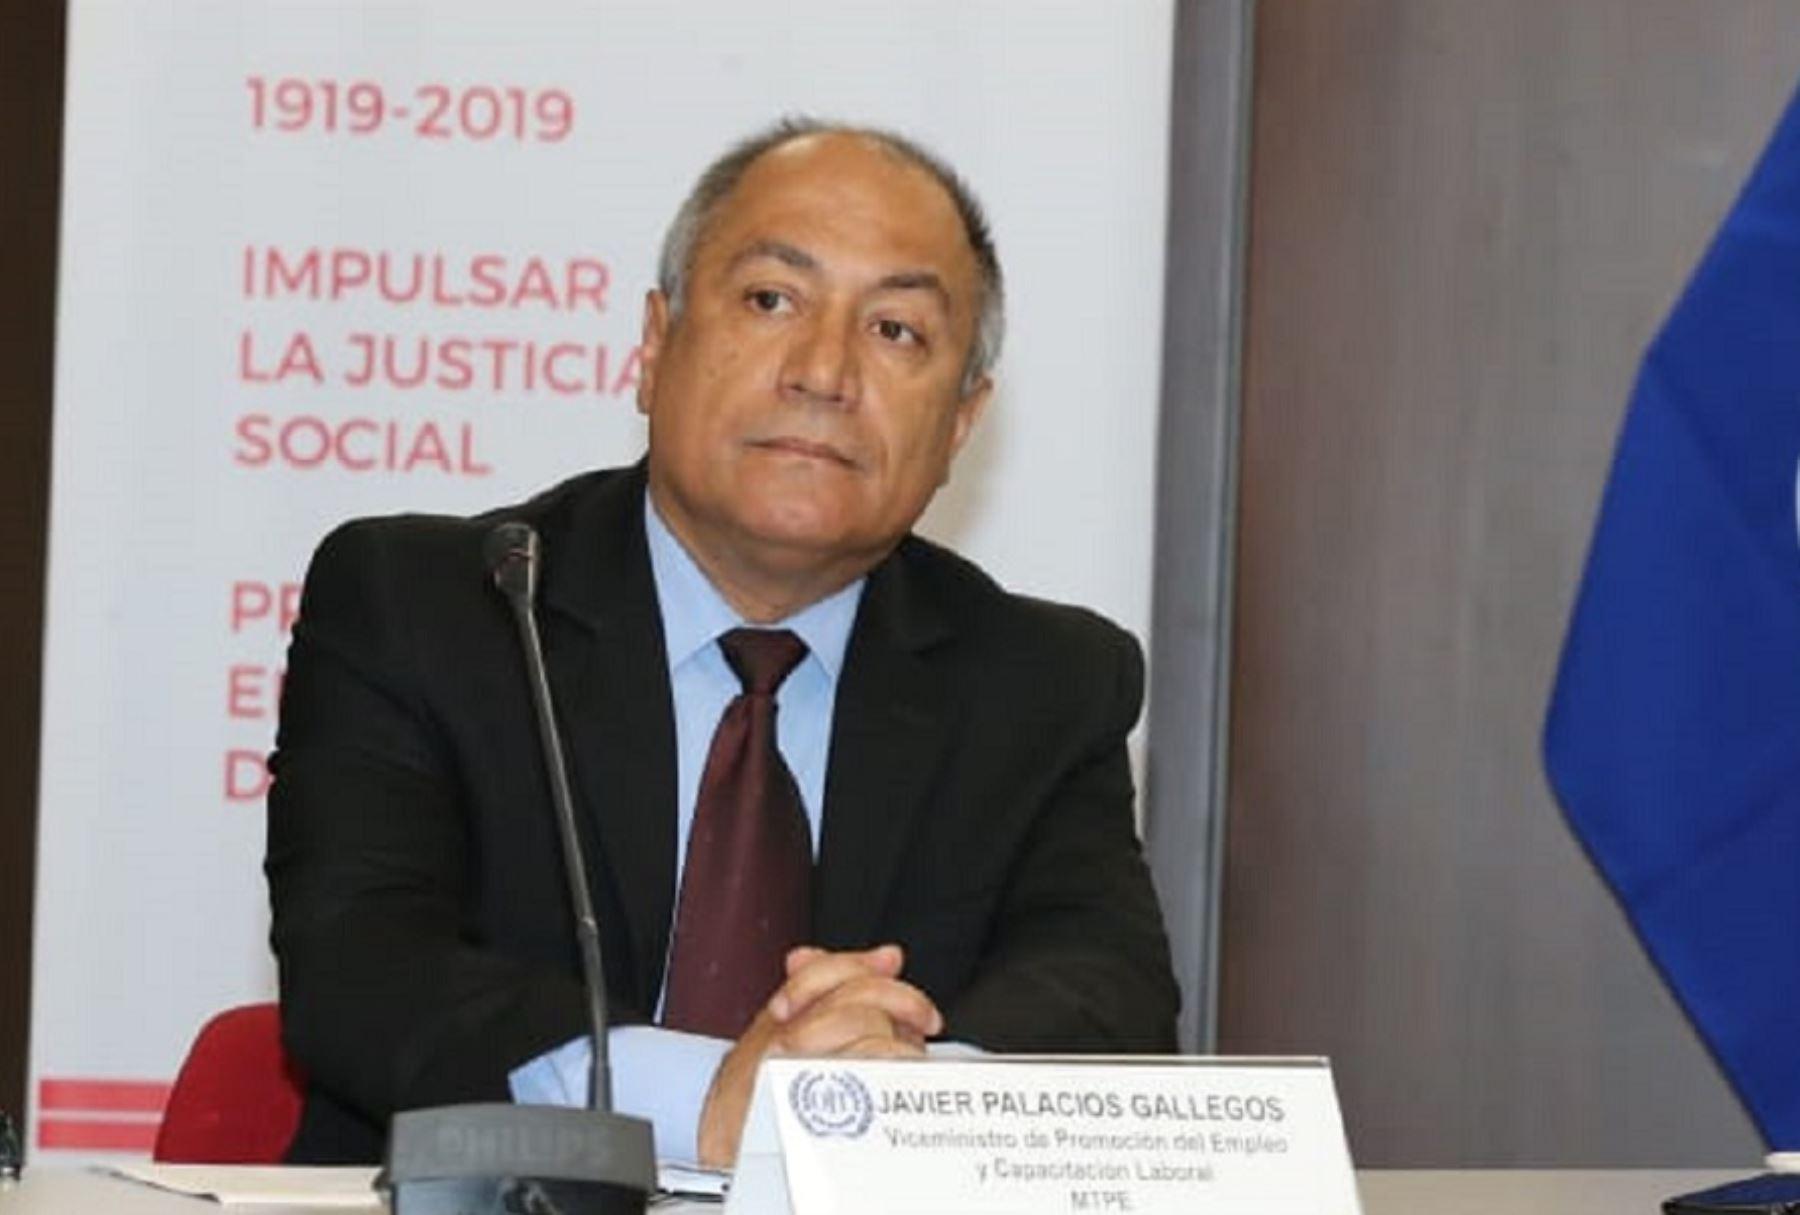 Viceministro de Promoción del Empleo y Capacitación Laboral, Javier Palacios Gallegos. Foto: Cortesía.